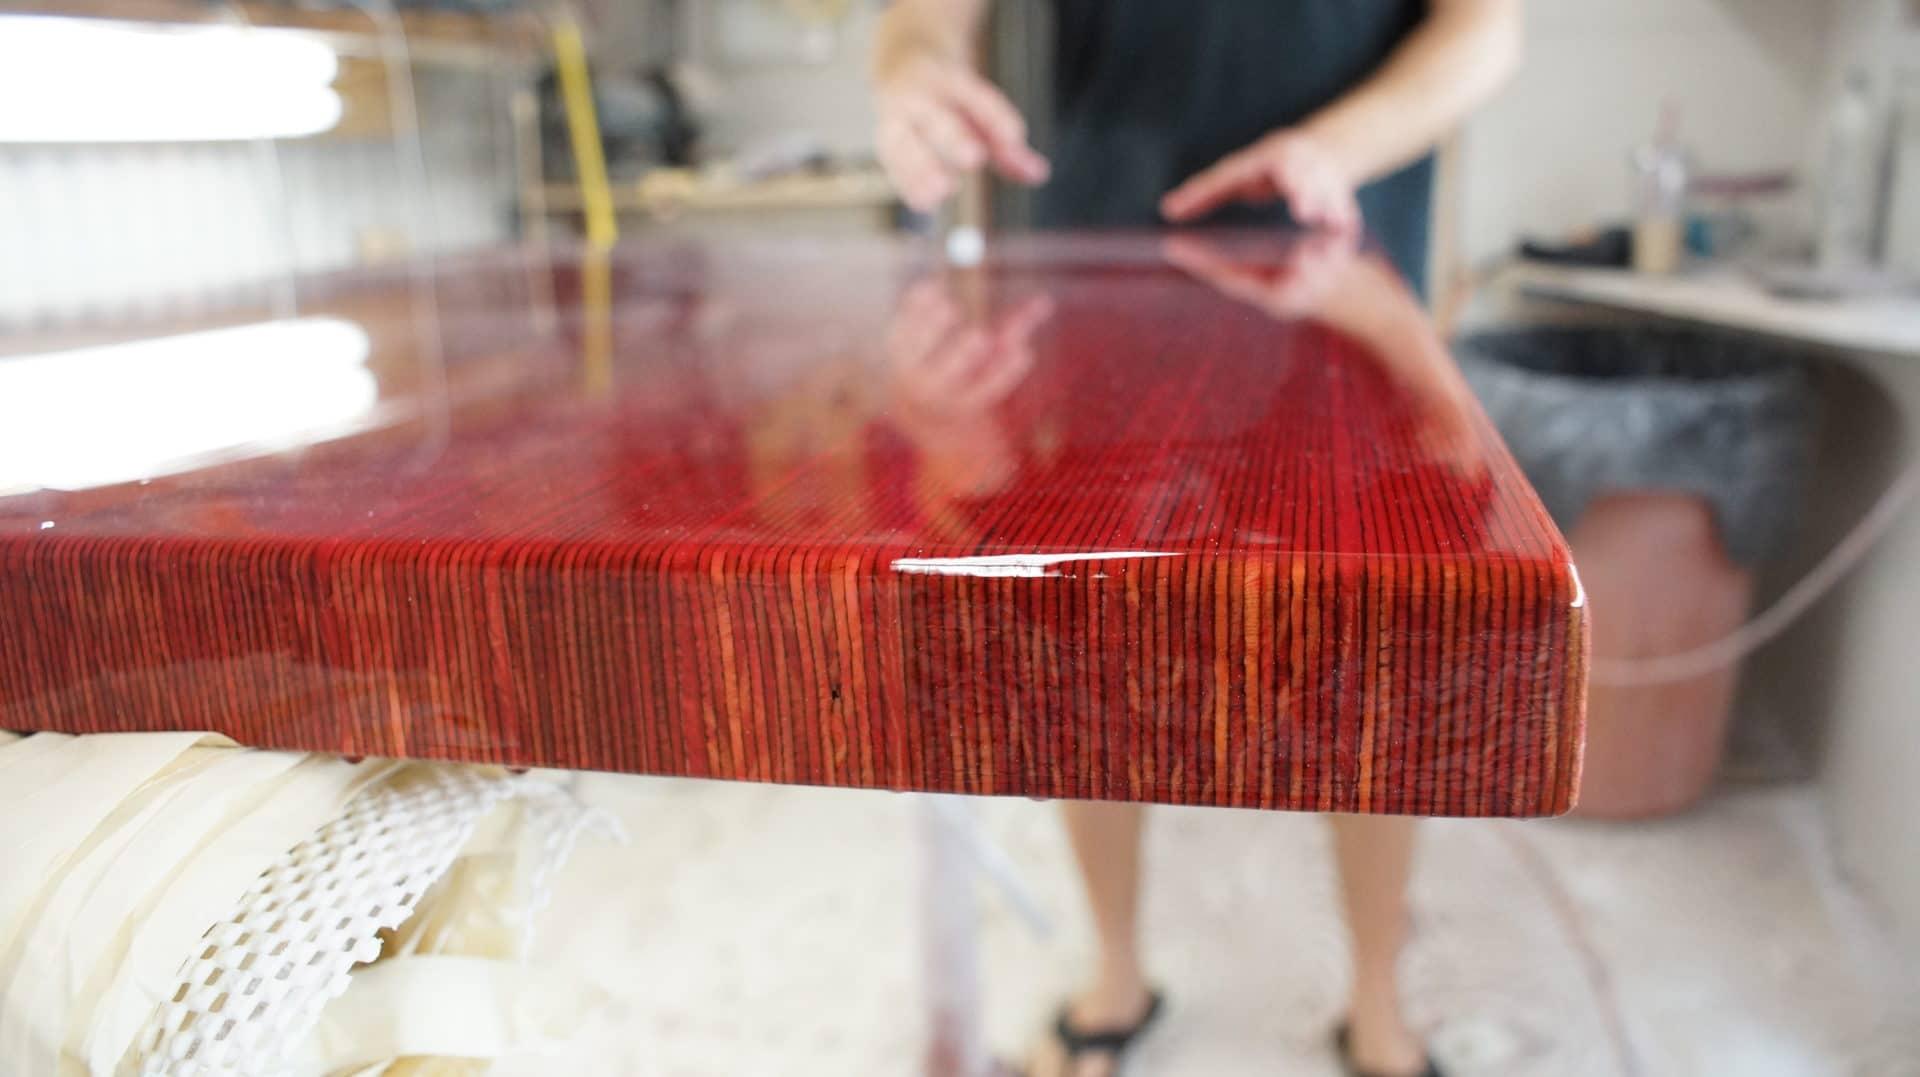 Стол из эпоксидной смолы: как сделать своими руками стильные столы и кухонные столешницы